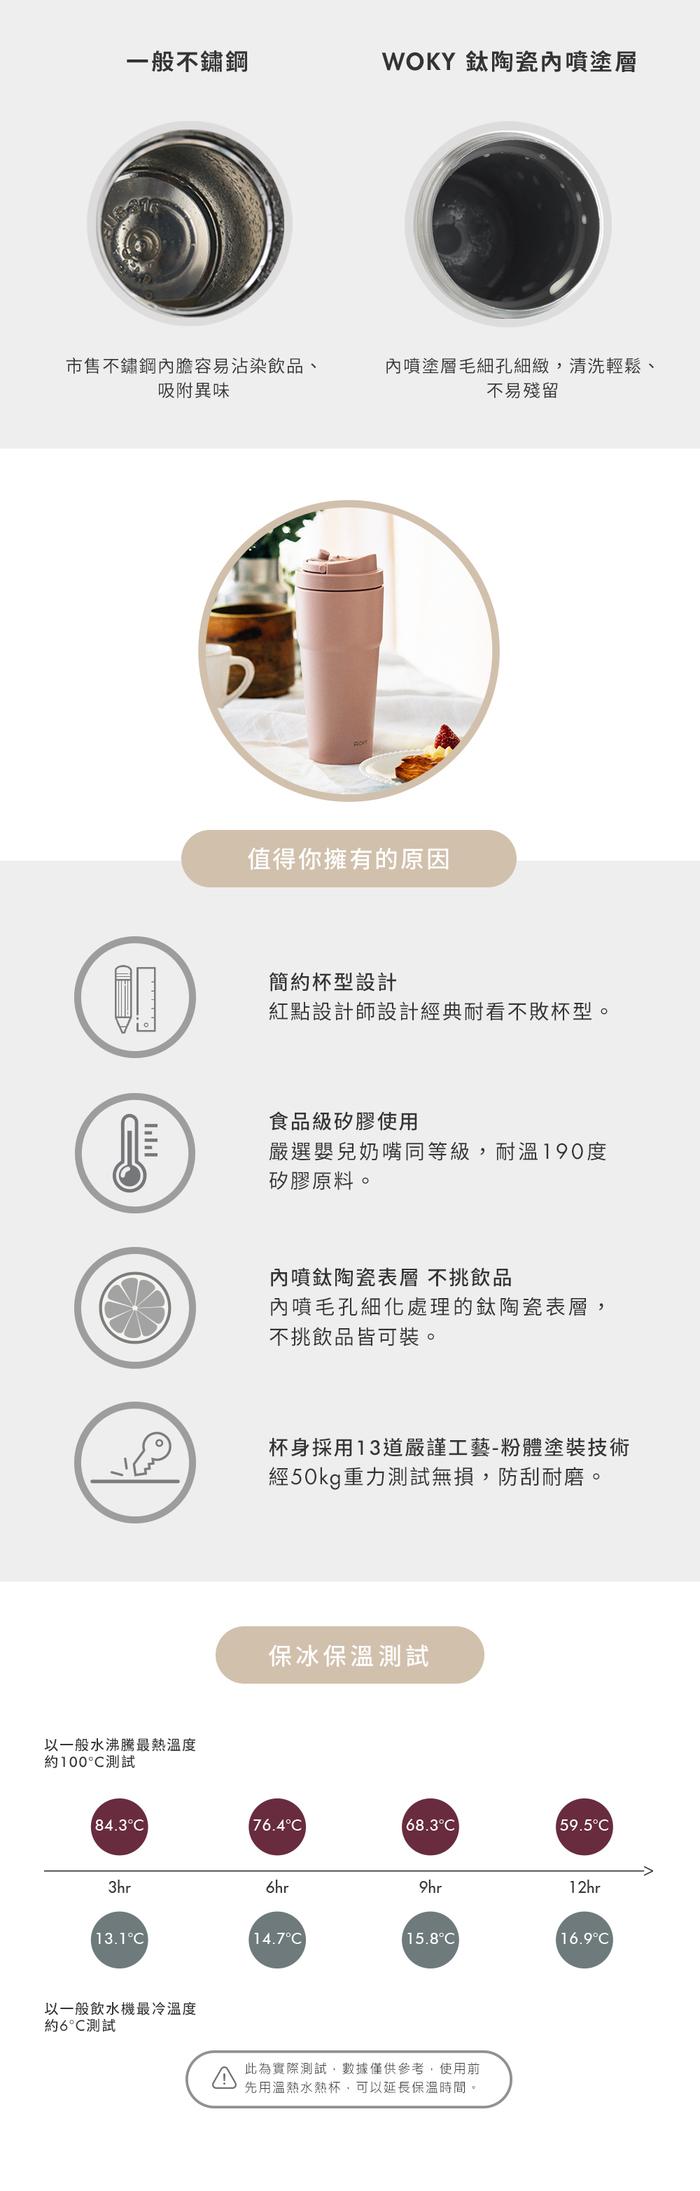 WOKY 沃廚|手提激凍輕芯鈦瓷易潔層保溫杯750ml(5色可選)